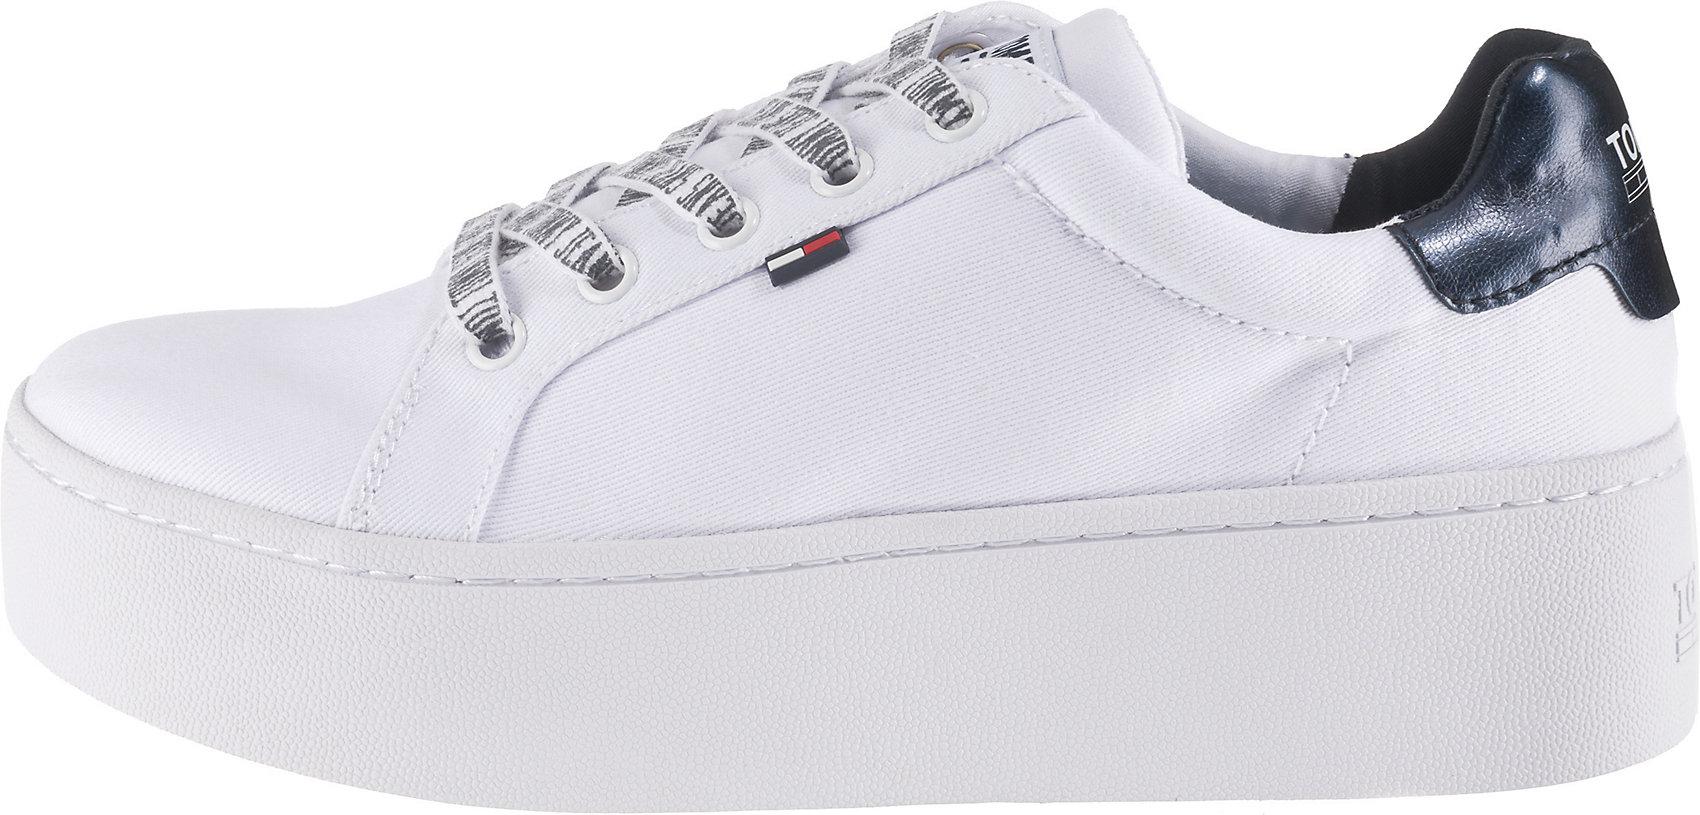 Neu Low Details Weiß Tommy Zu Roxie 10946136 Damen 1c4 Für Jeans Sneakers OkiTXPuZ